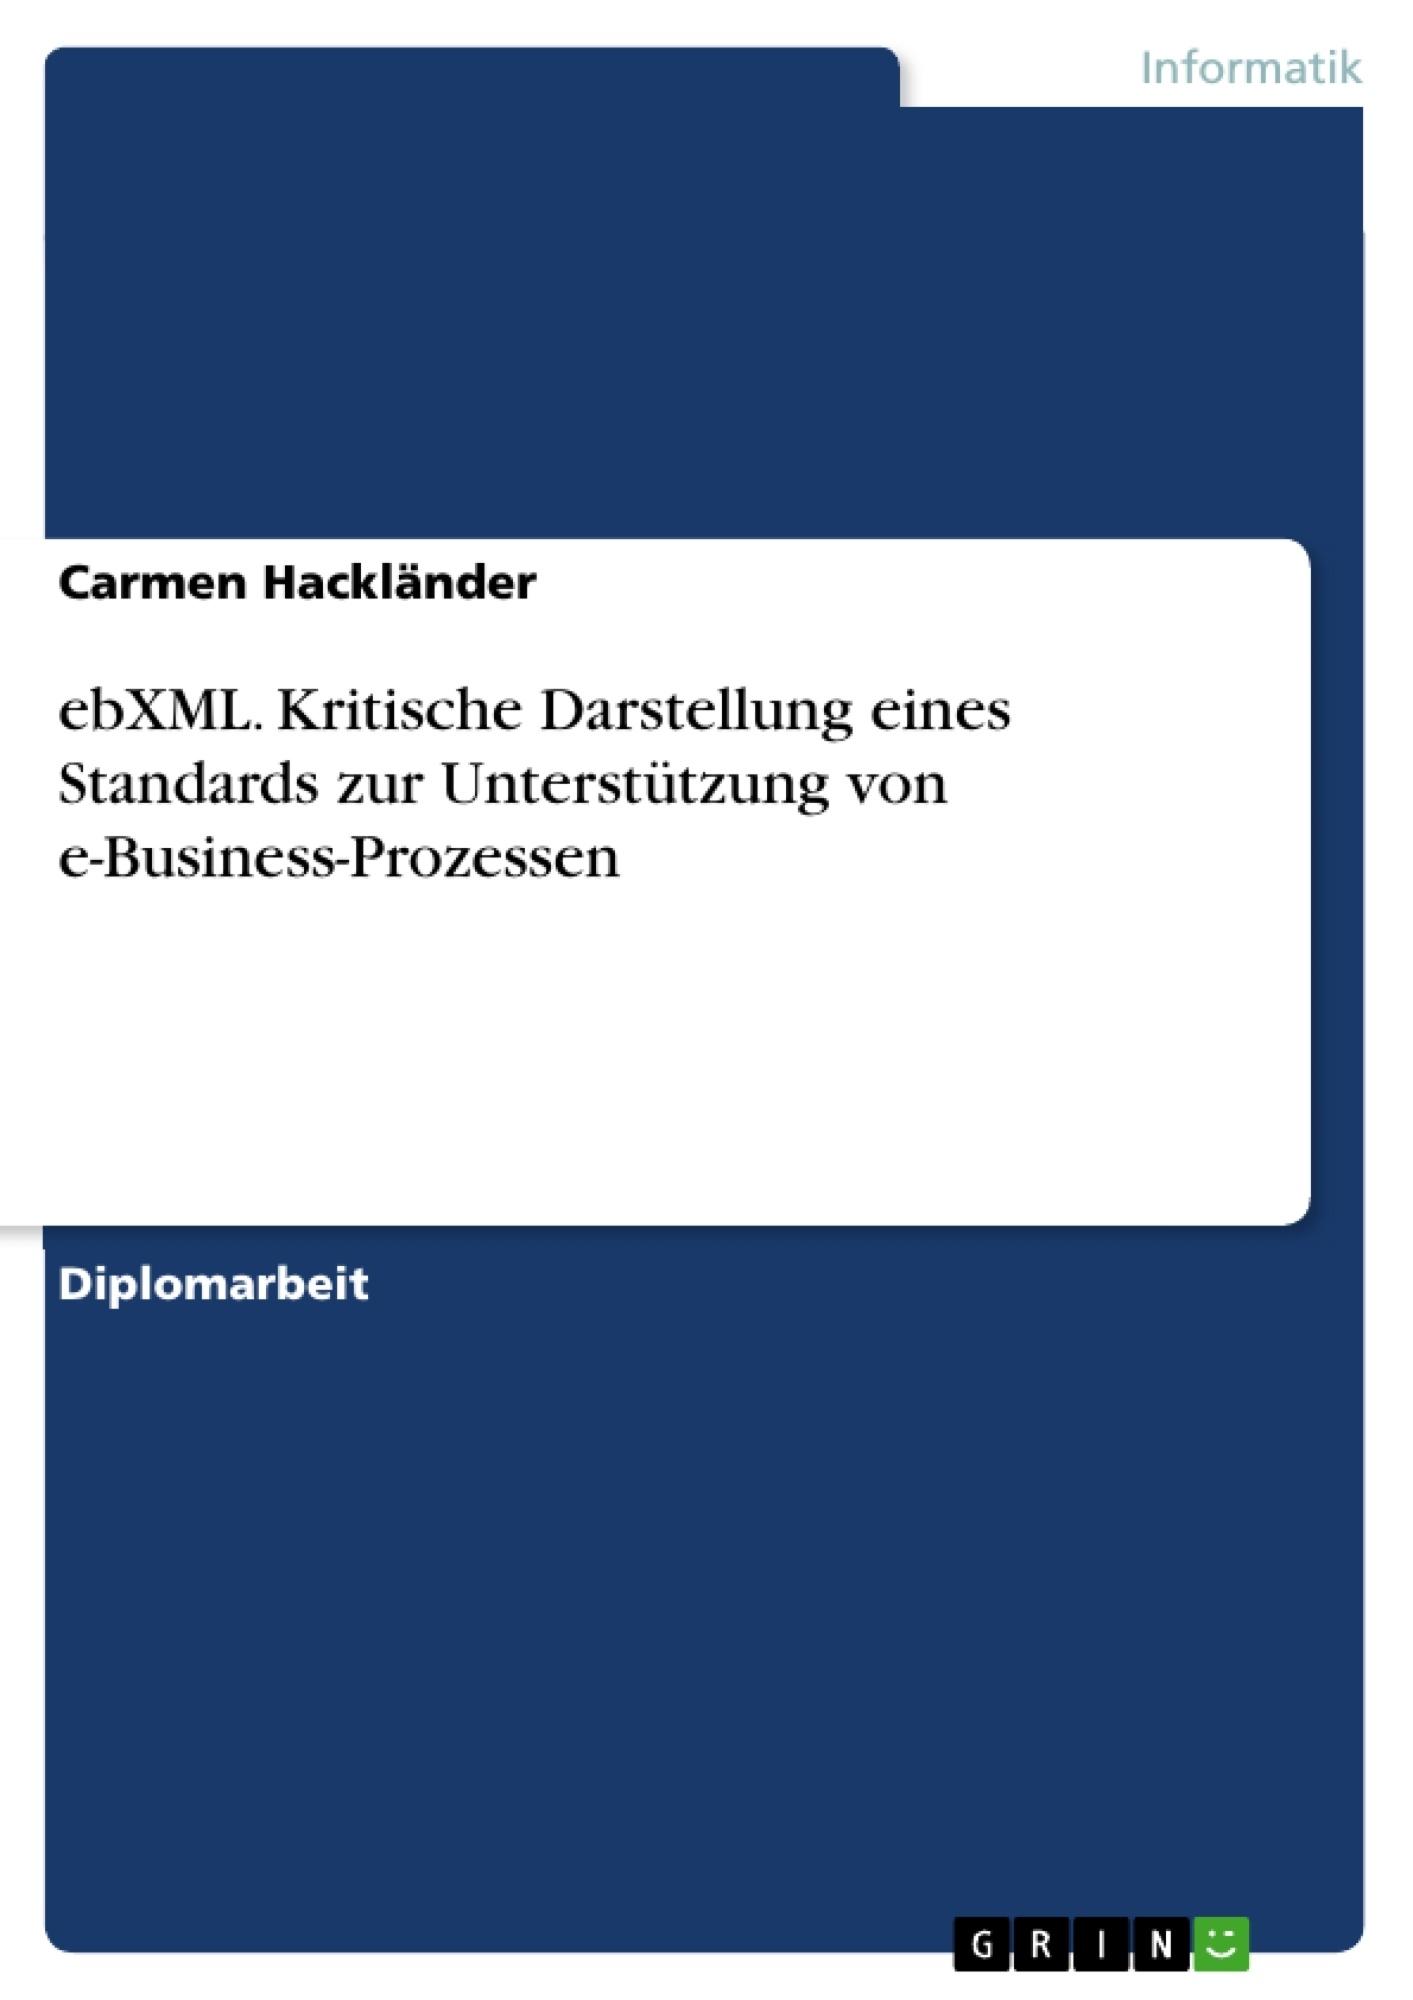 Titel: ebXML. Kritische Darstellung eines Standards zur Unterstützung von e-Business-Prozessen